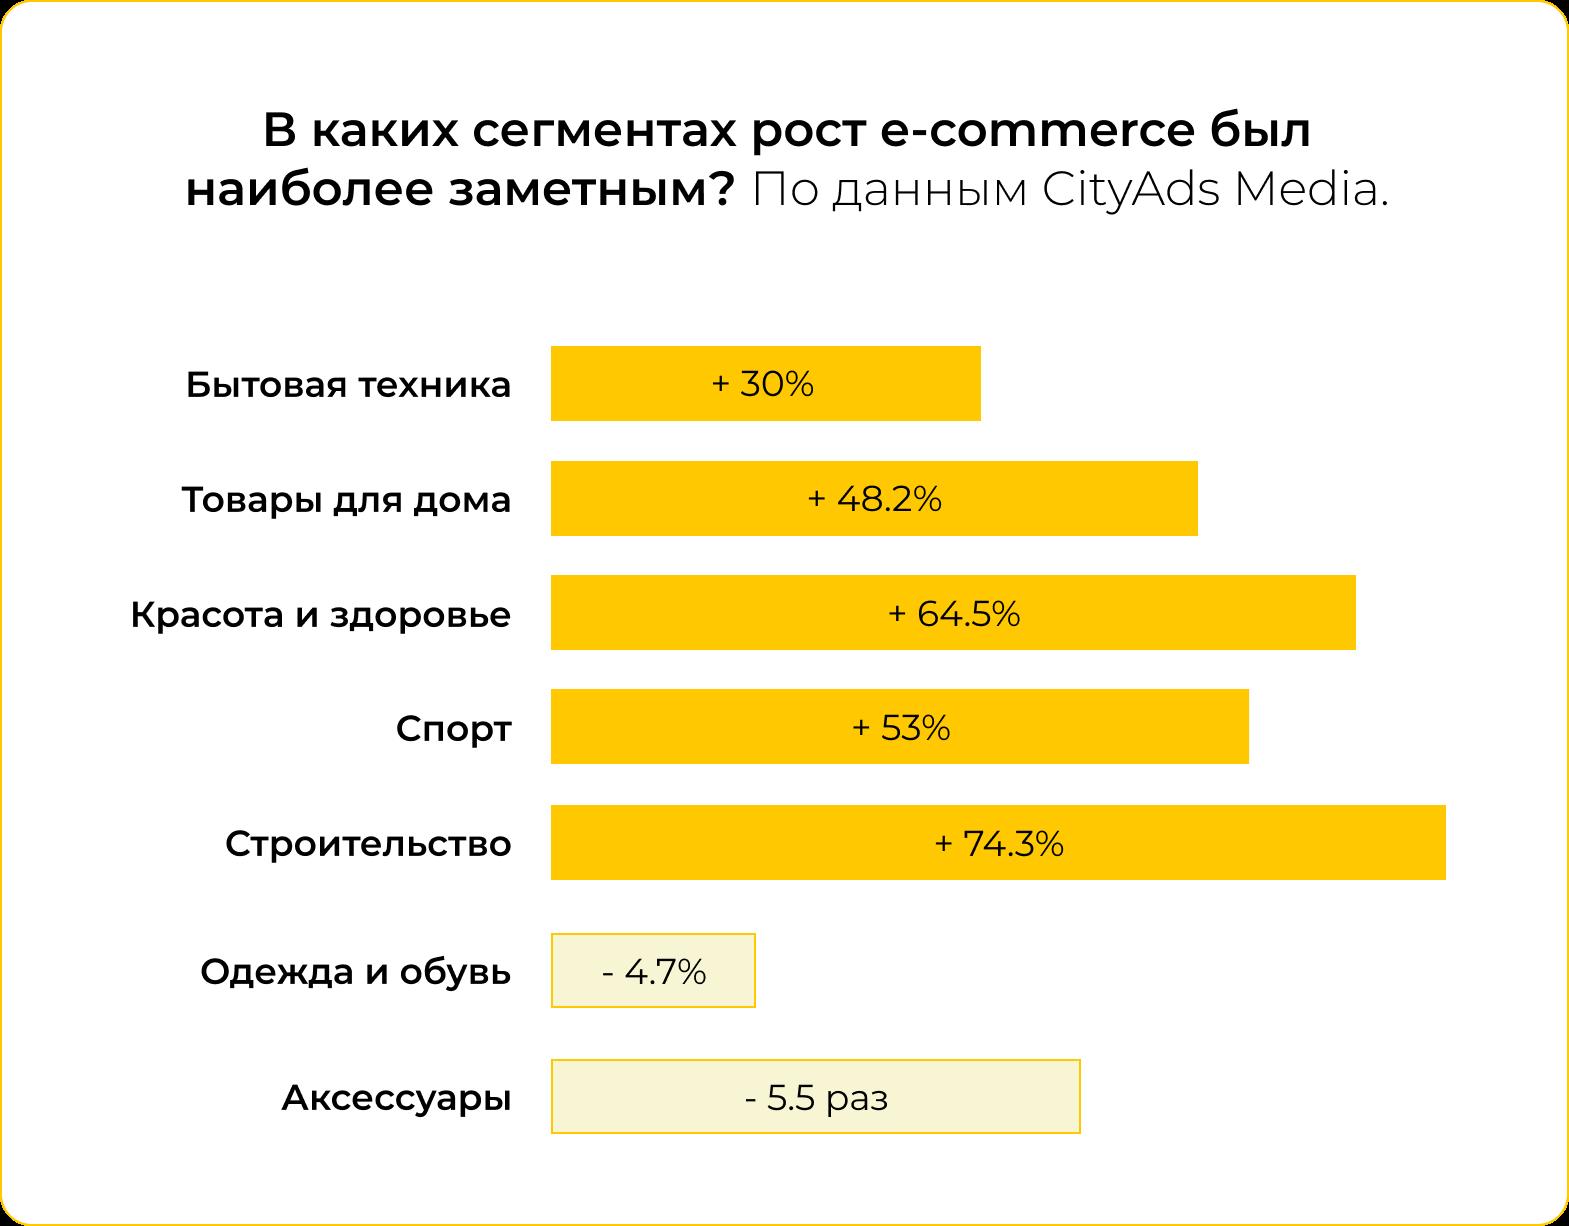 Статистика покупок в интернет-магазинах от CityAds Media